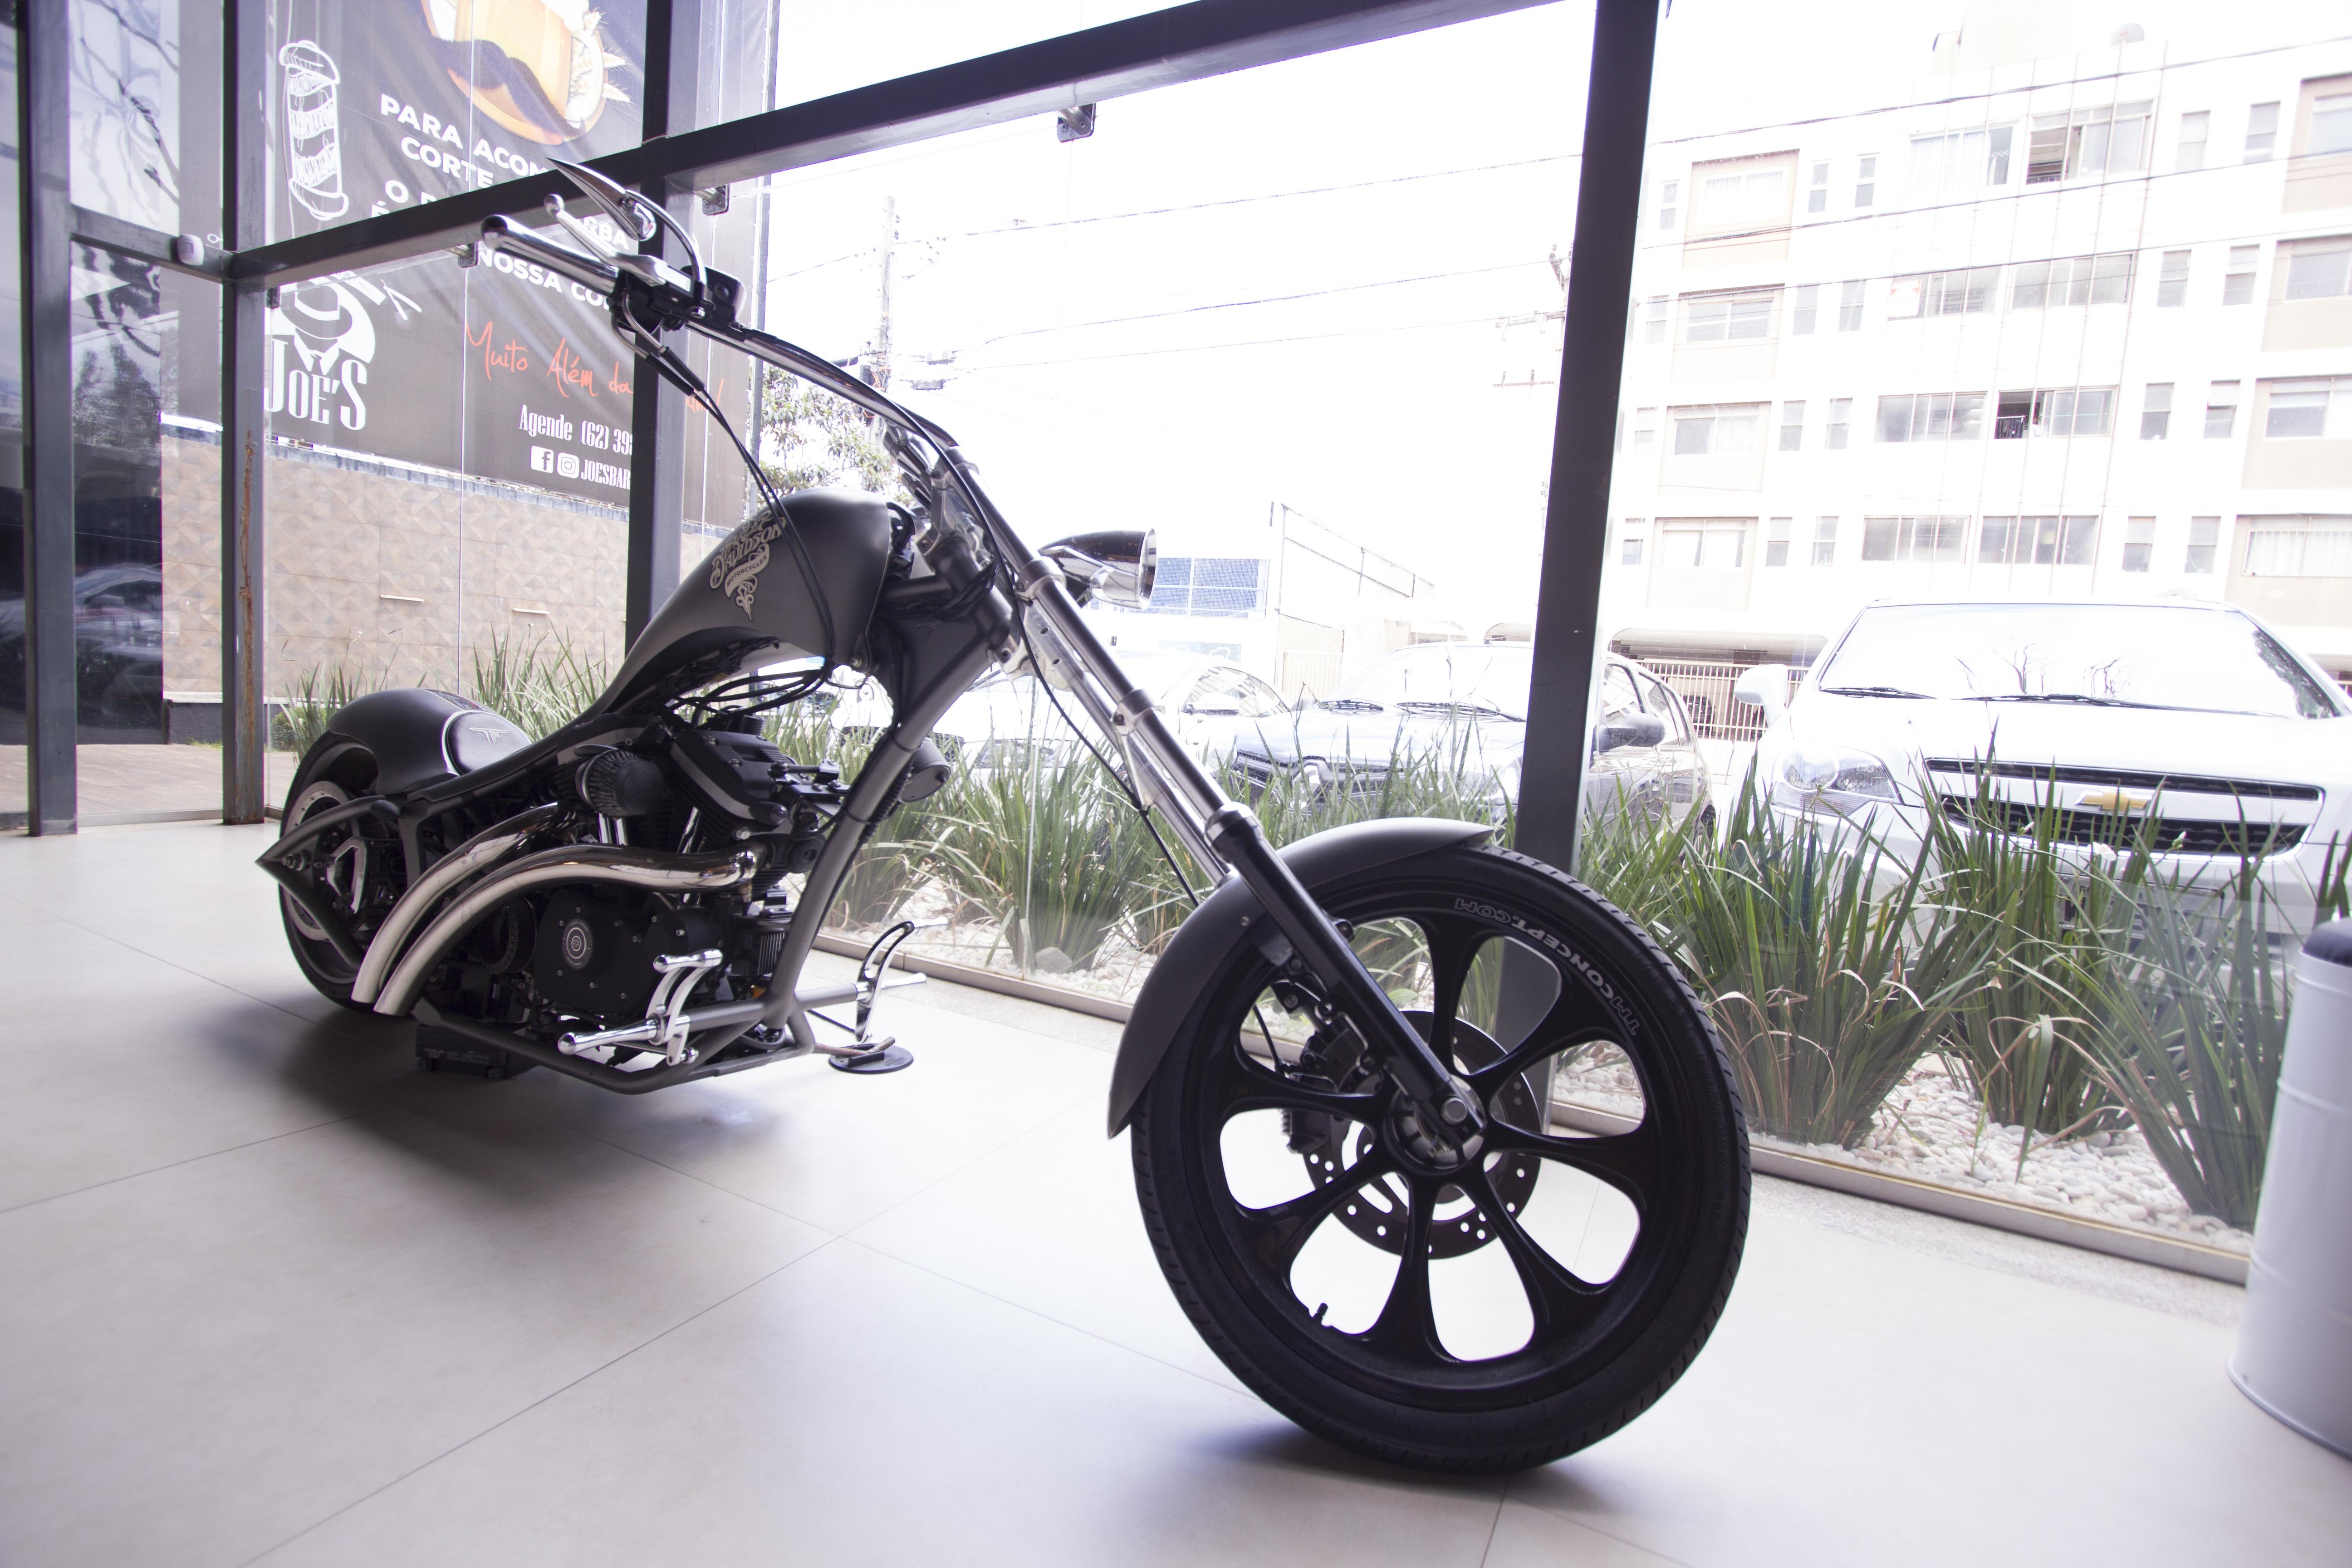 Parked Black Bobber Motorcycle